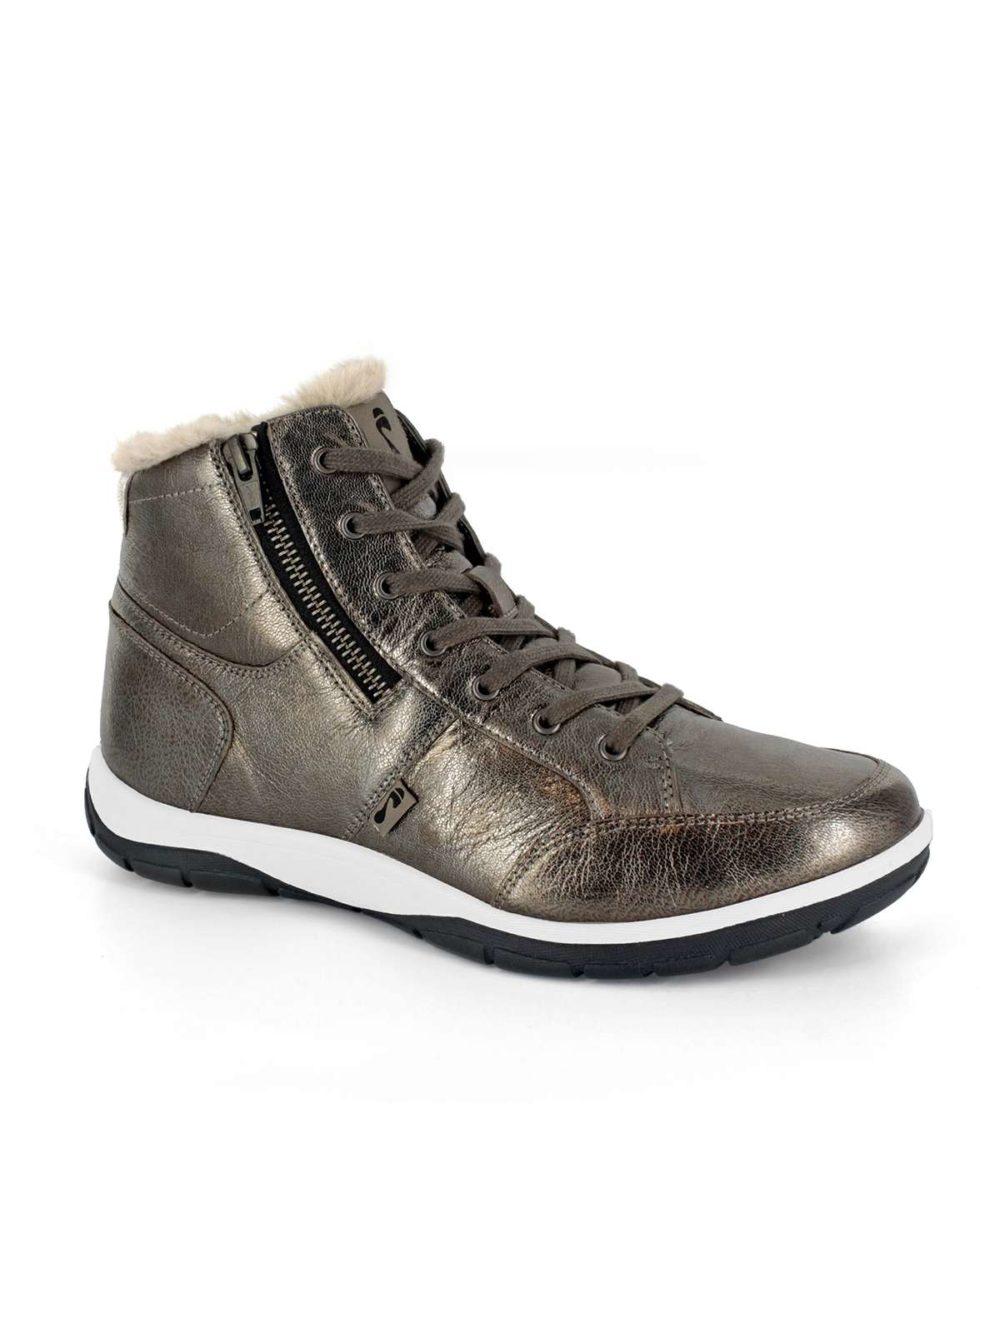 Chatsworth Boot